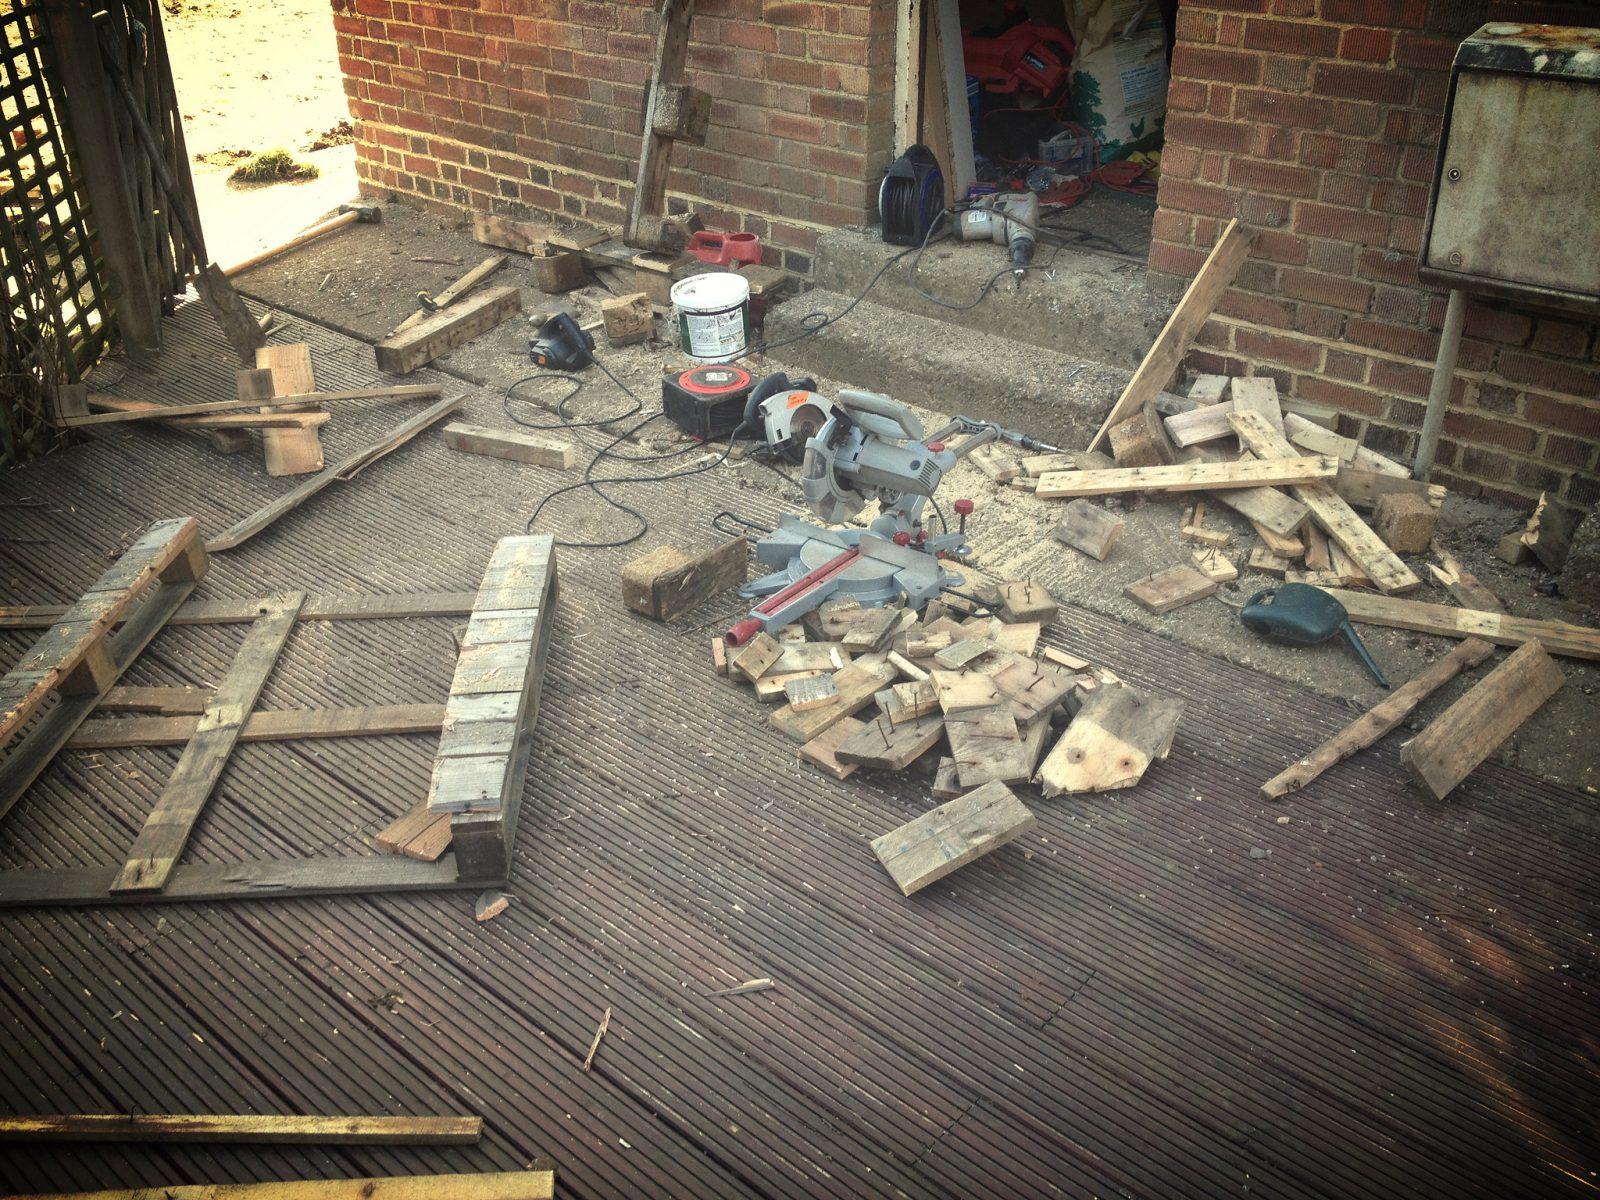 Taking apart pallets